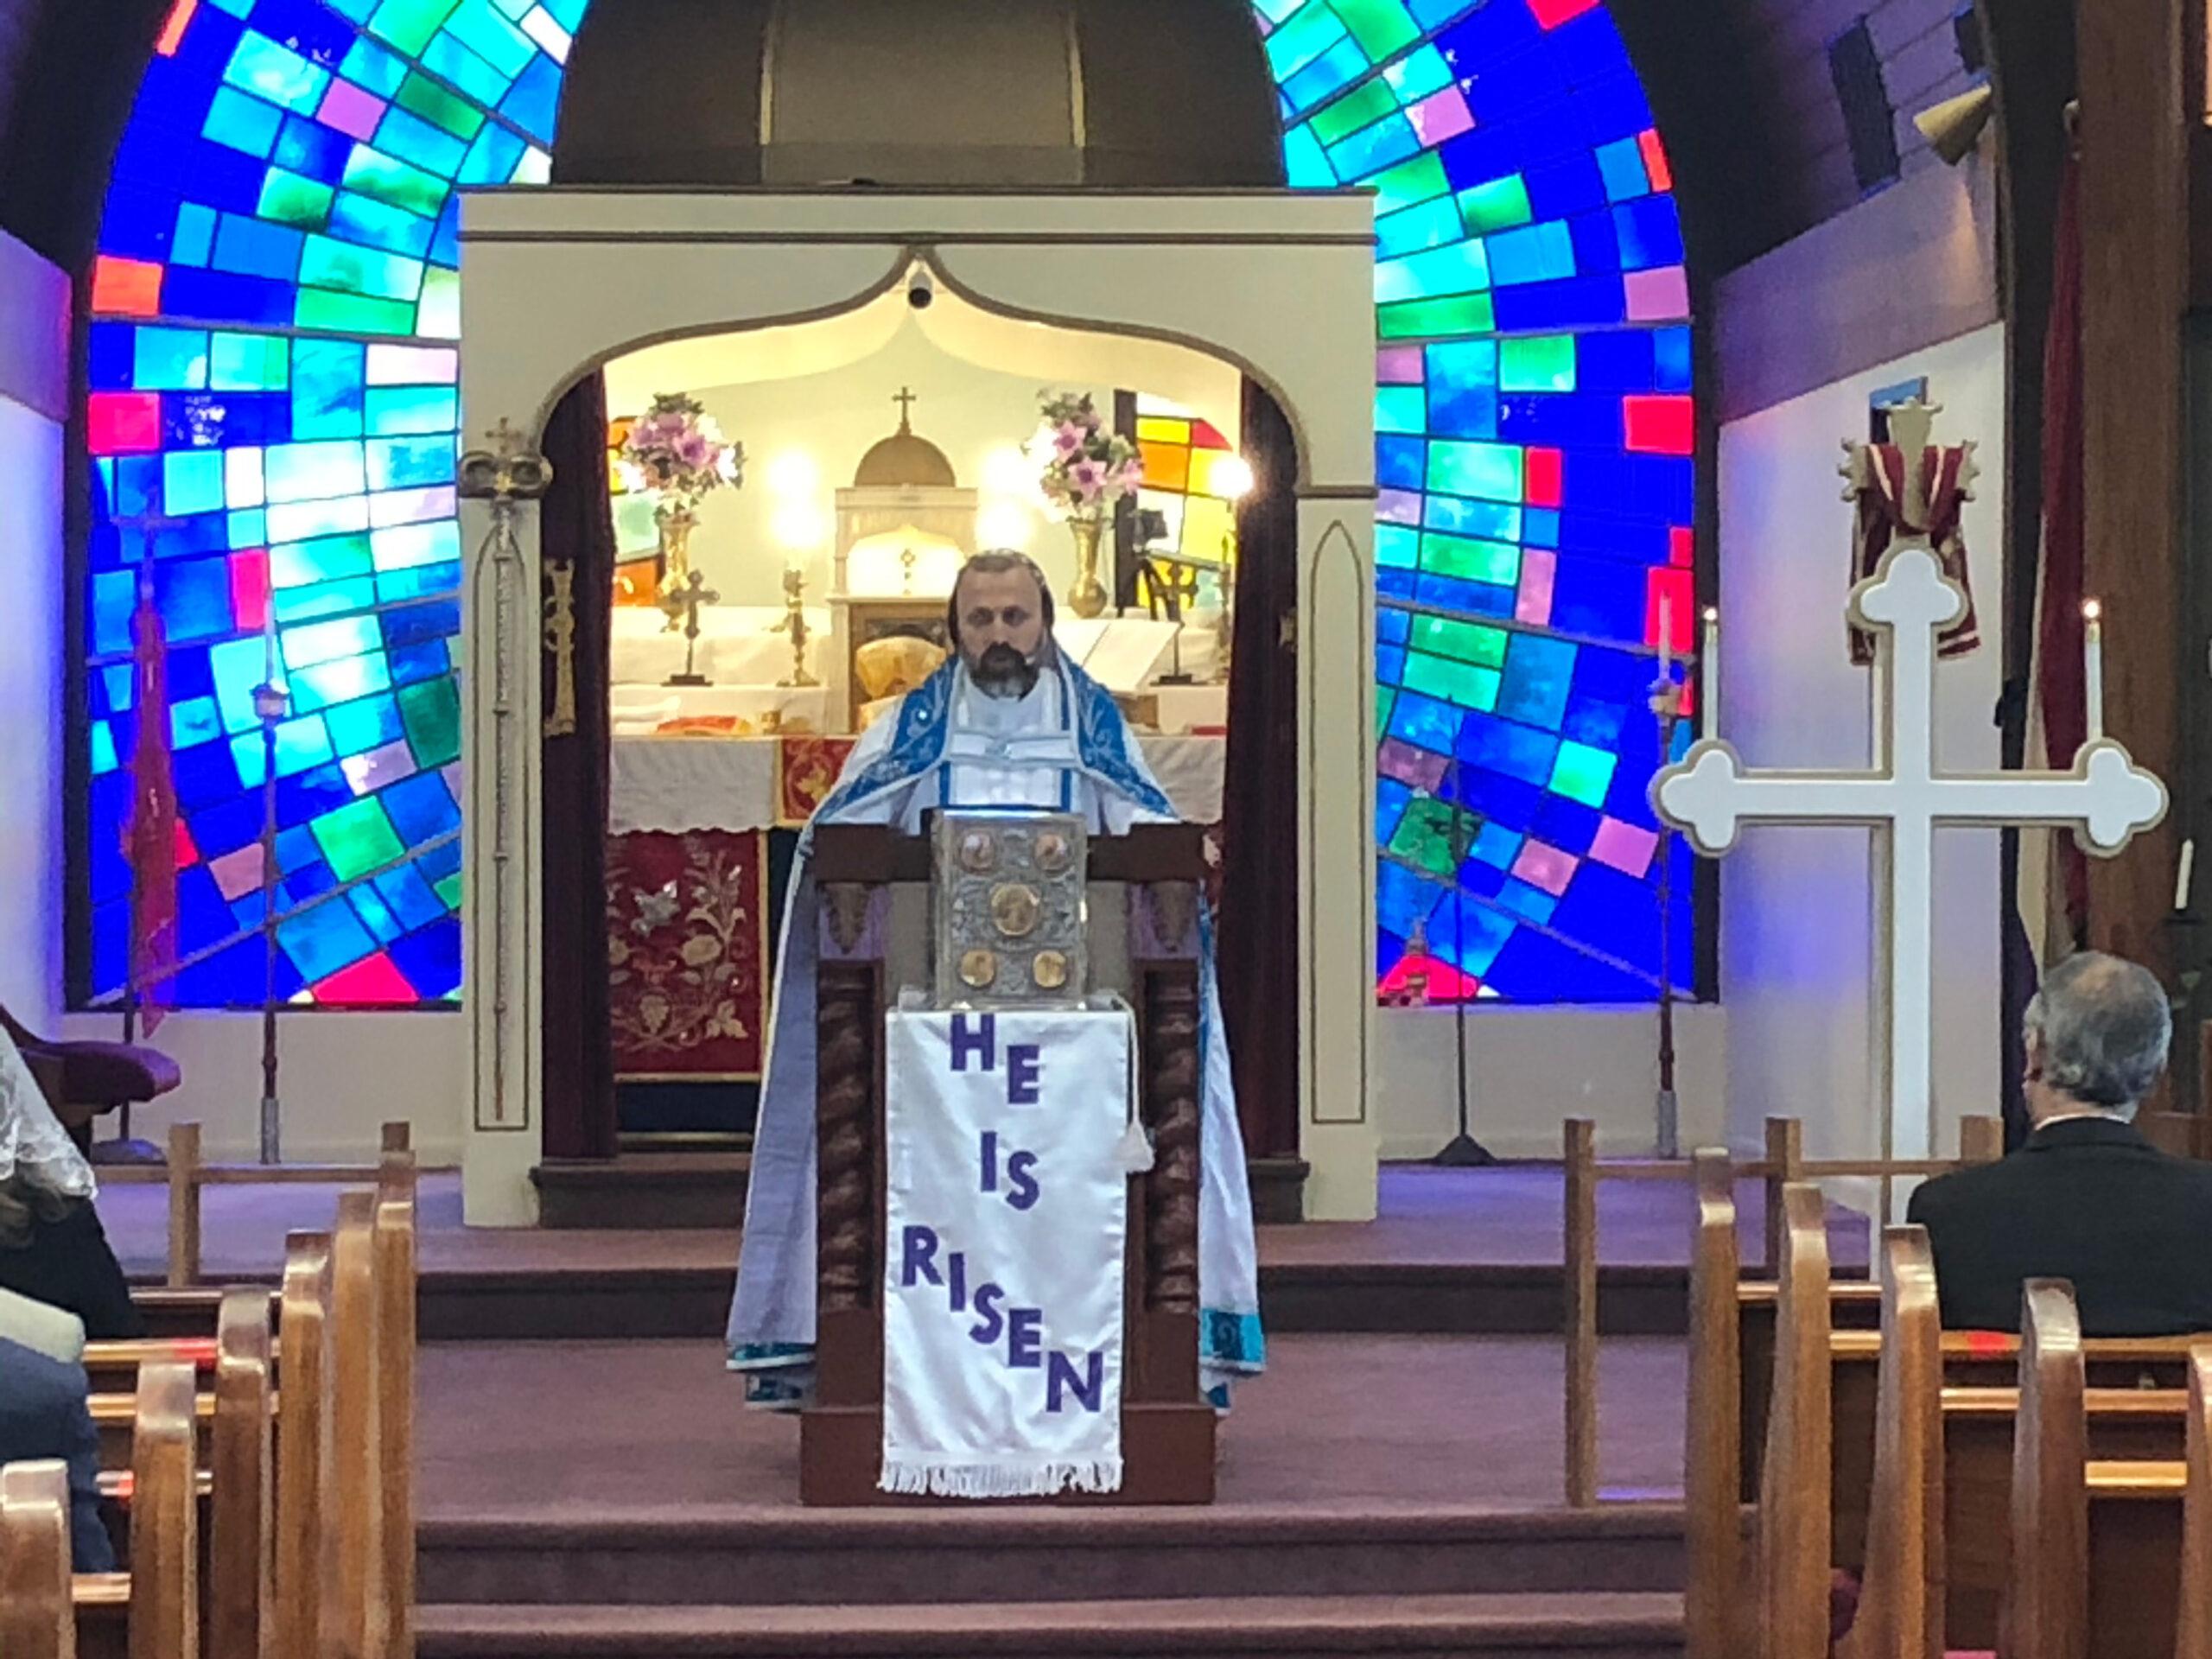 Jesus speaks to Peter